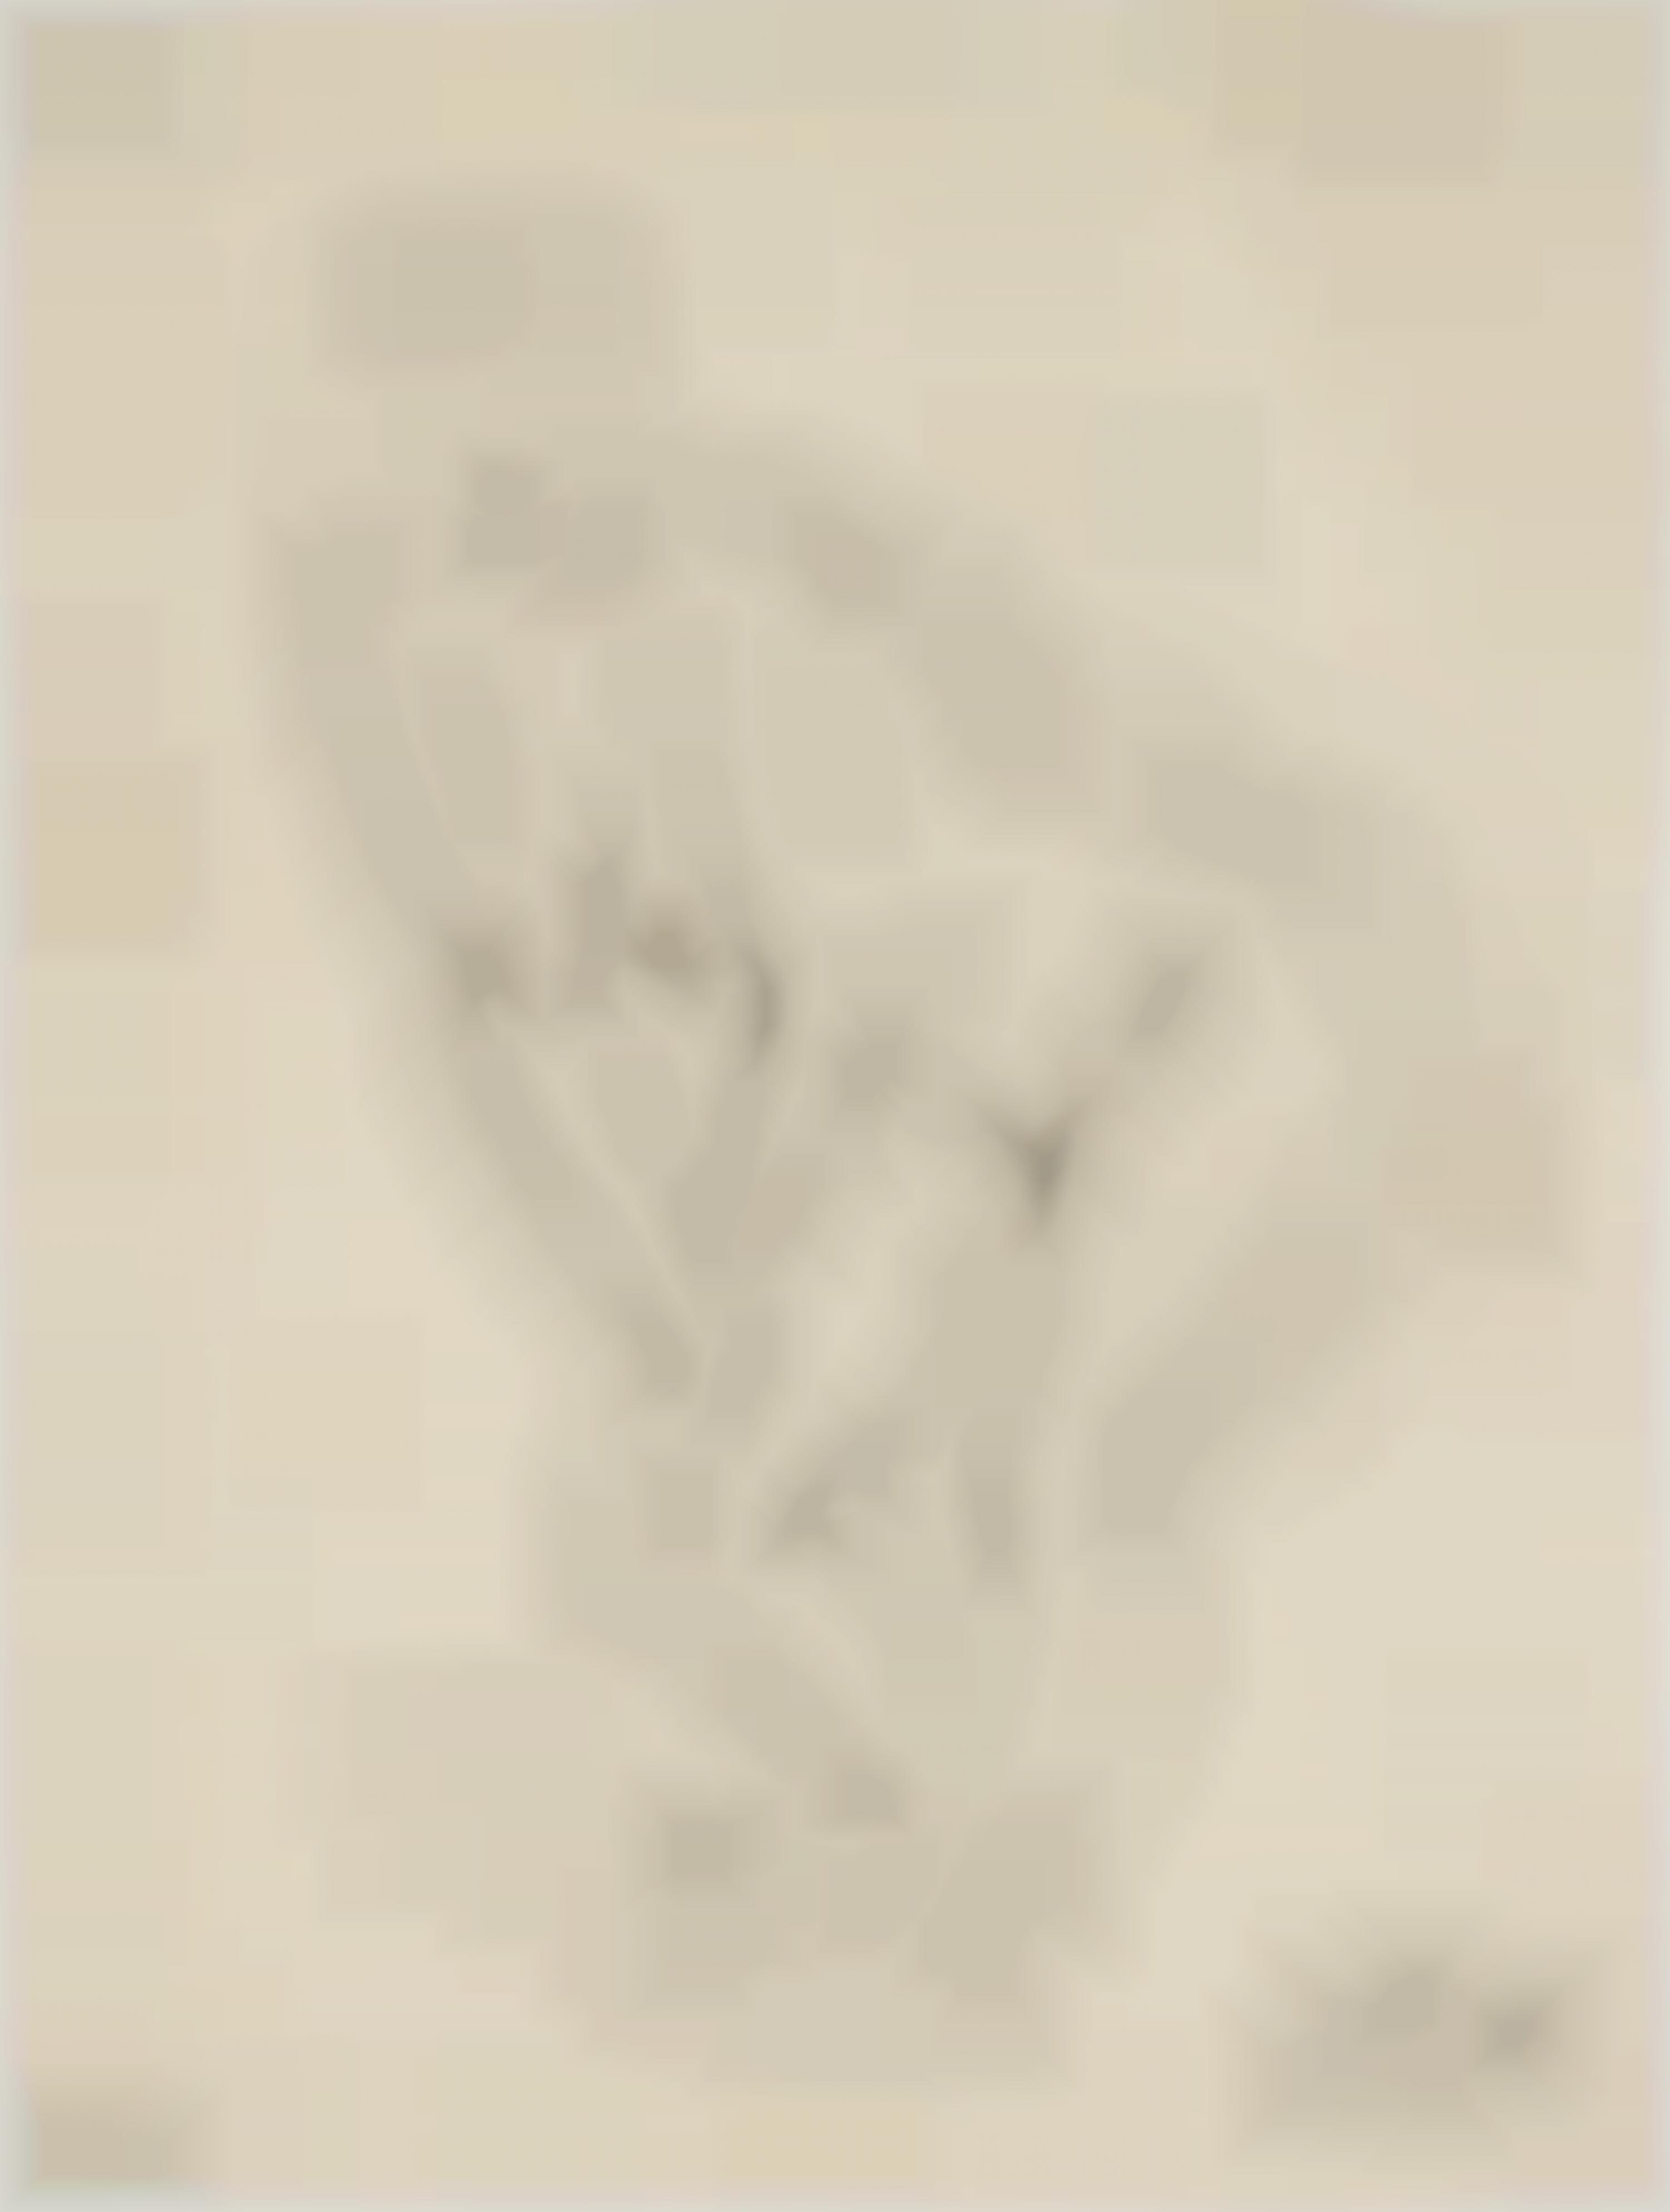 Otto Dix-Irmgard, Gebeugt (Irmgard bent)-1931